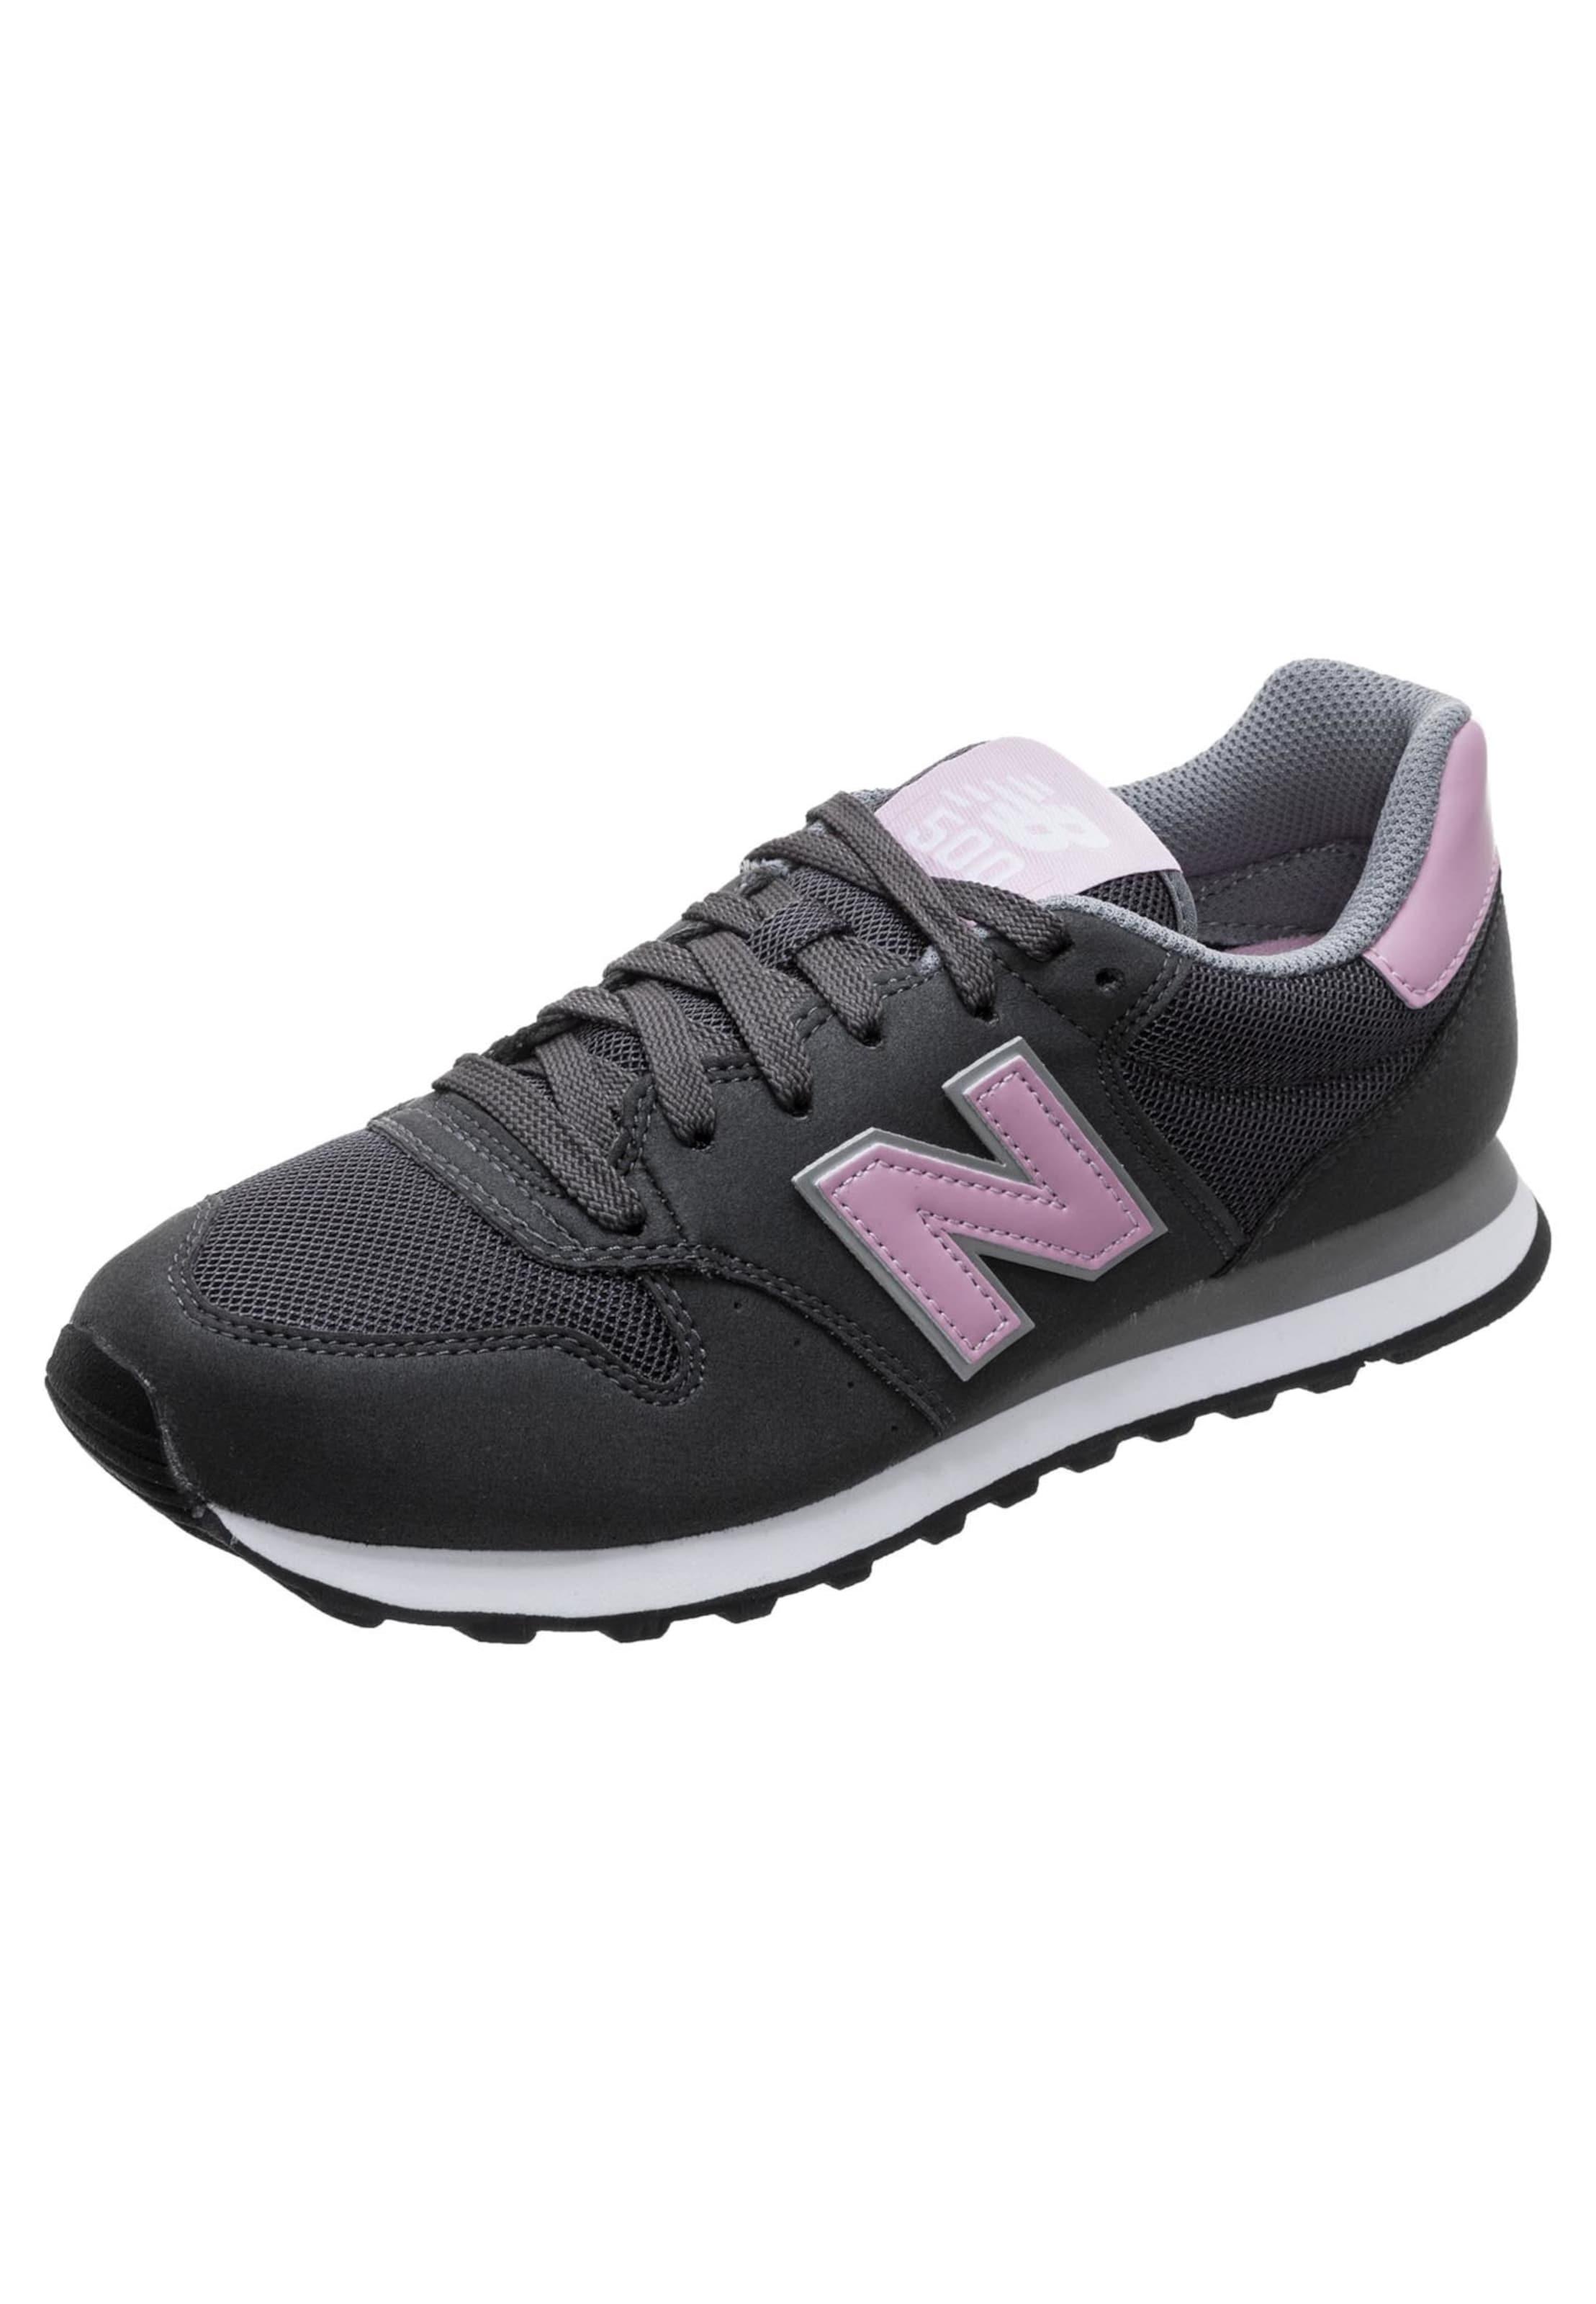 In New DunkelgrauRosa 'gw500 Balance Sneaker B' iuOkXPTZ